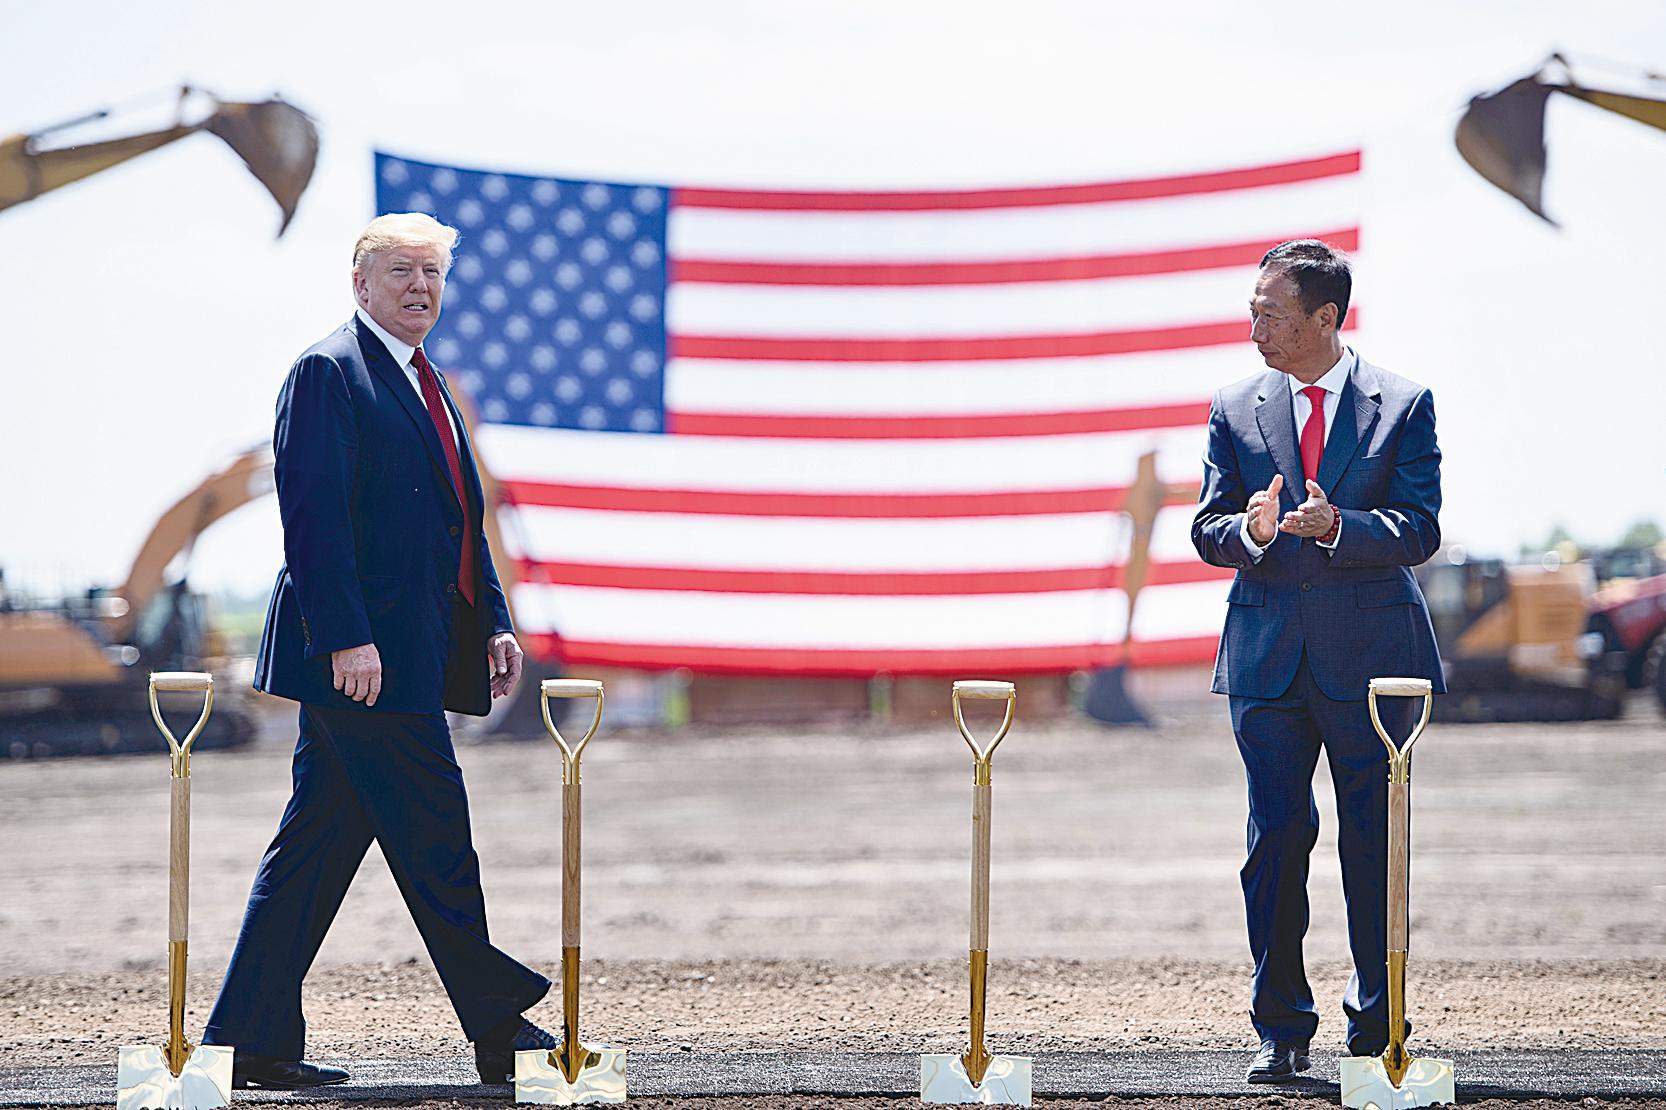 鴻海宣佈美國威斯康辛州廠將於明年底開始生產。圖為去年6月,美國總統特朗普(左)與鴻海集團董事長郭台銘(右)出席動土典禮。(AFP)